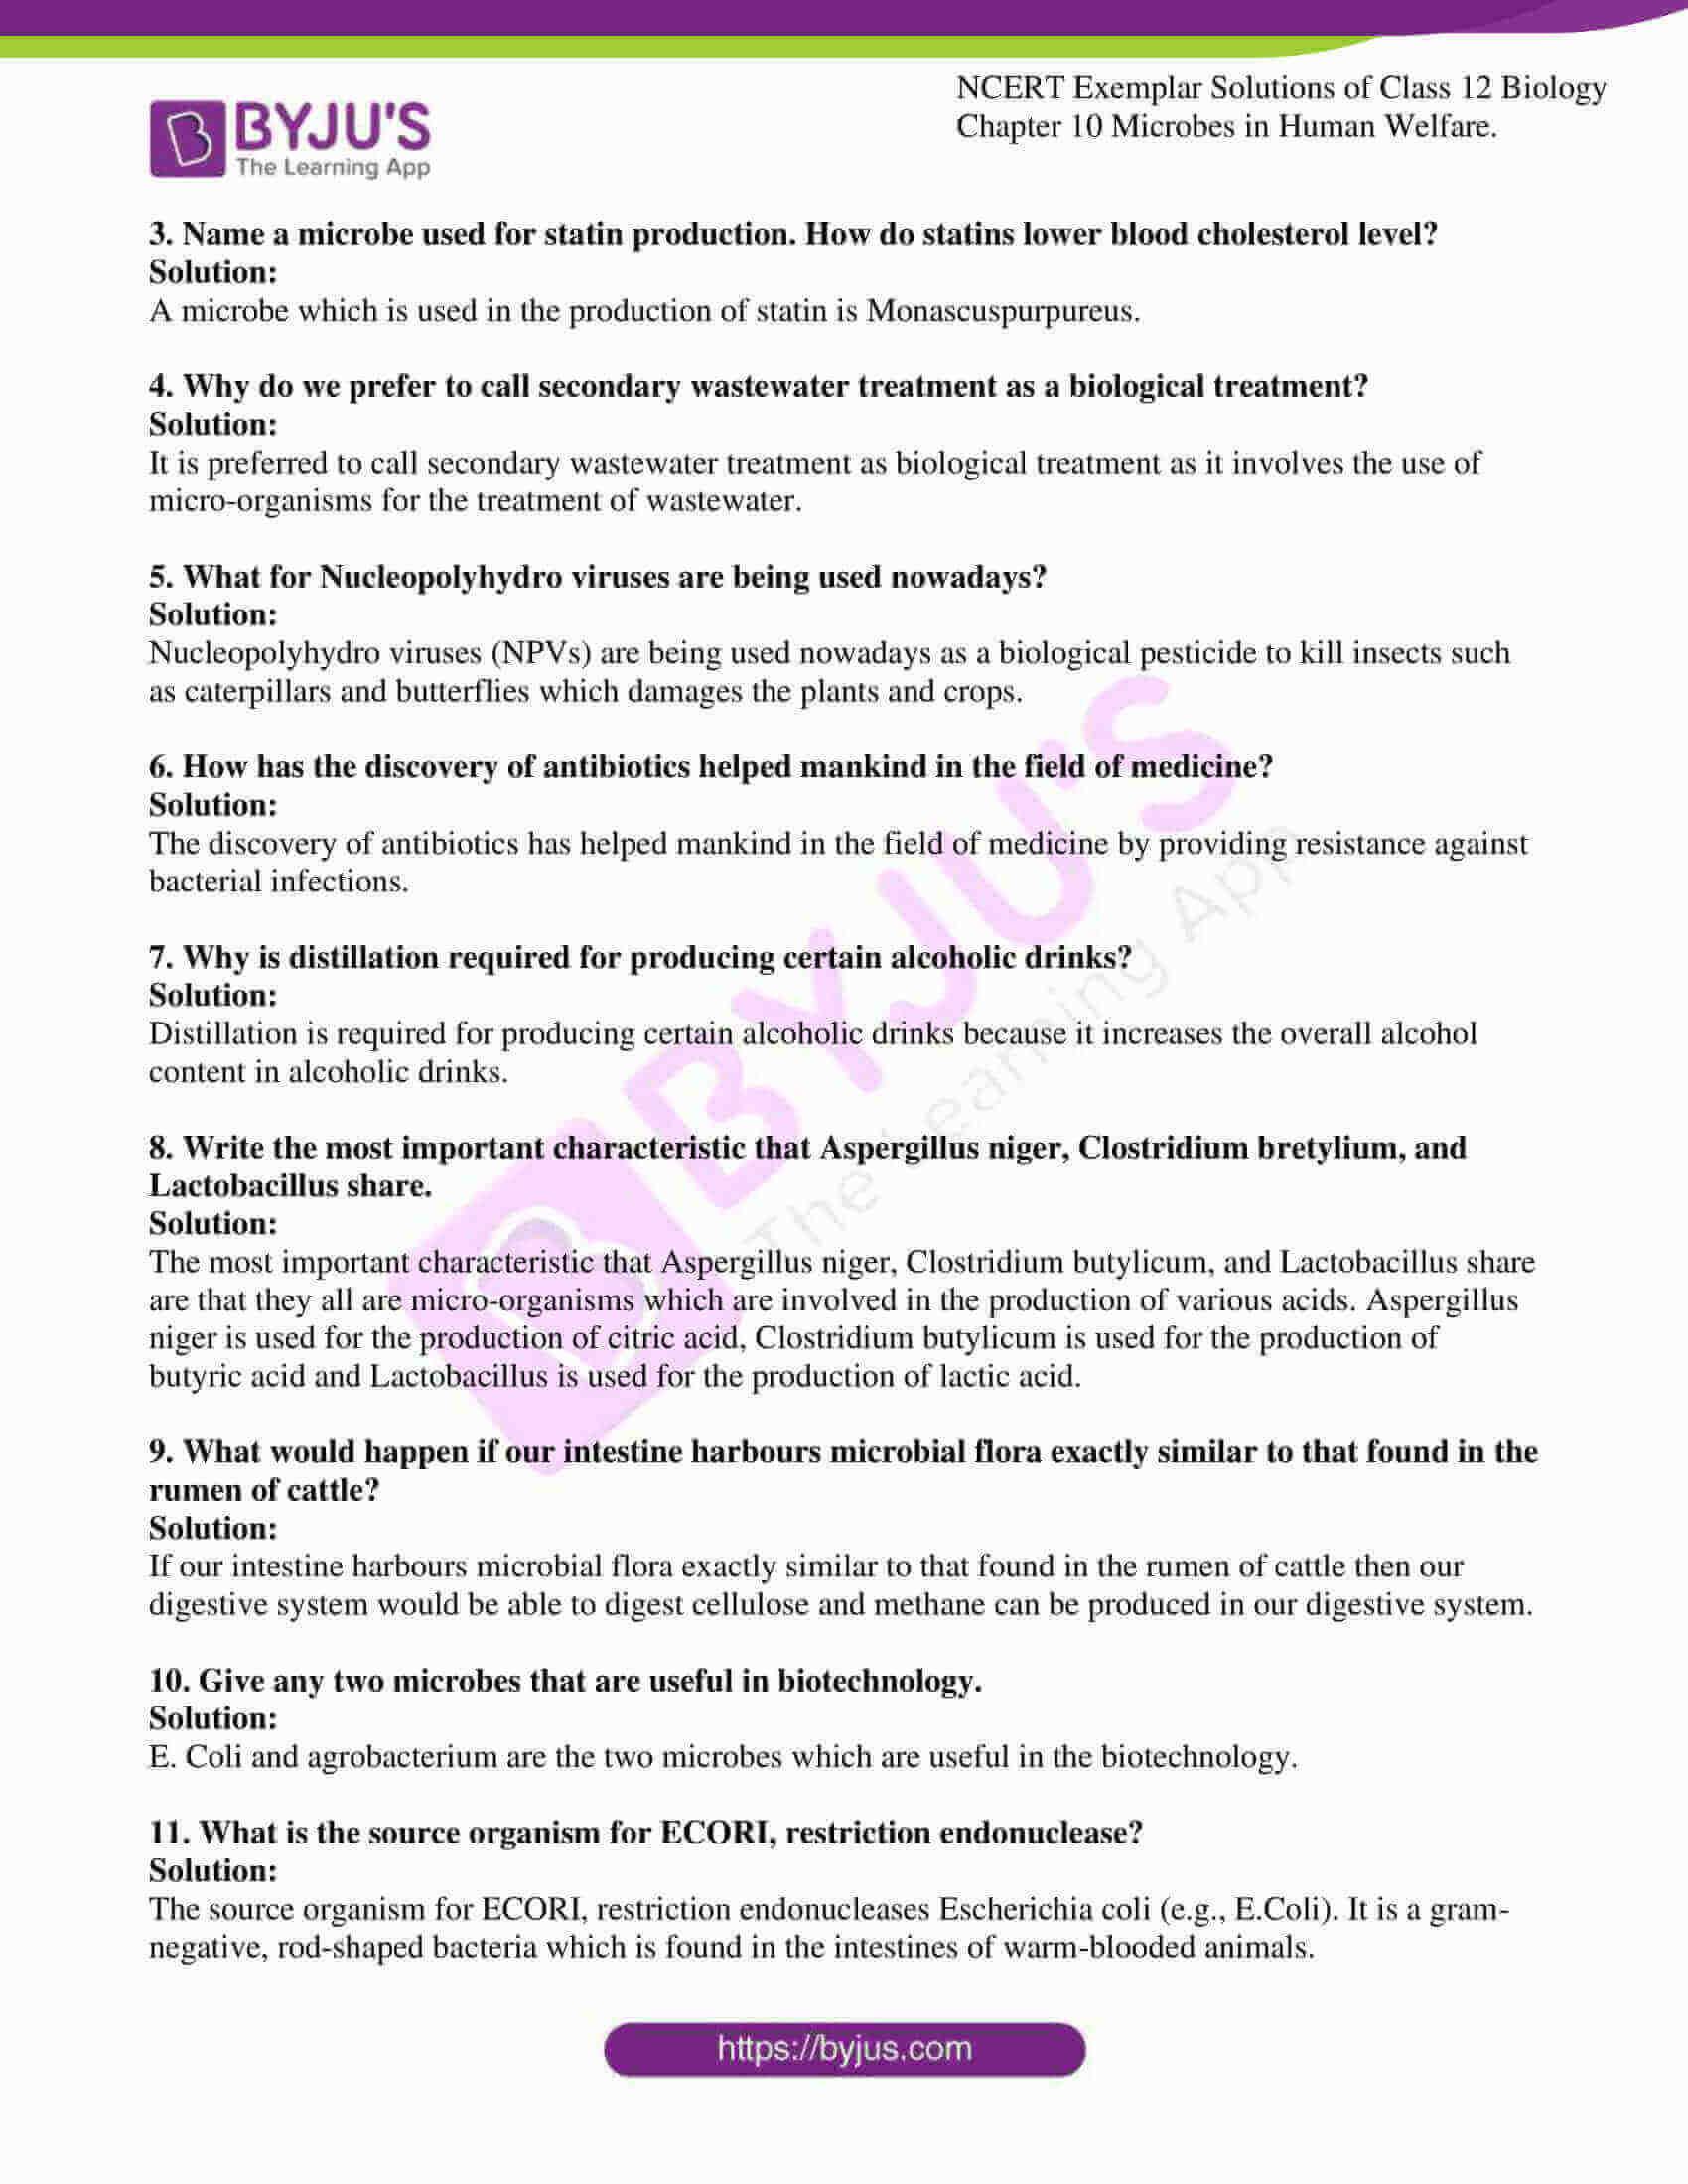 ncert exemplar solution of class 12 biology chapter 10 05